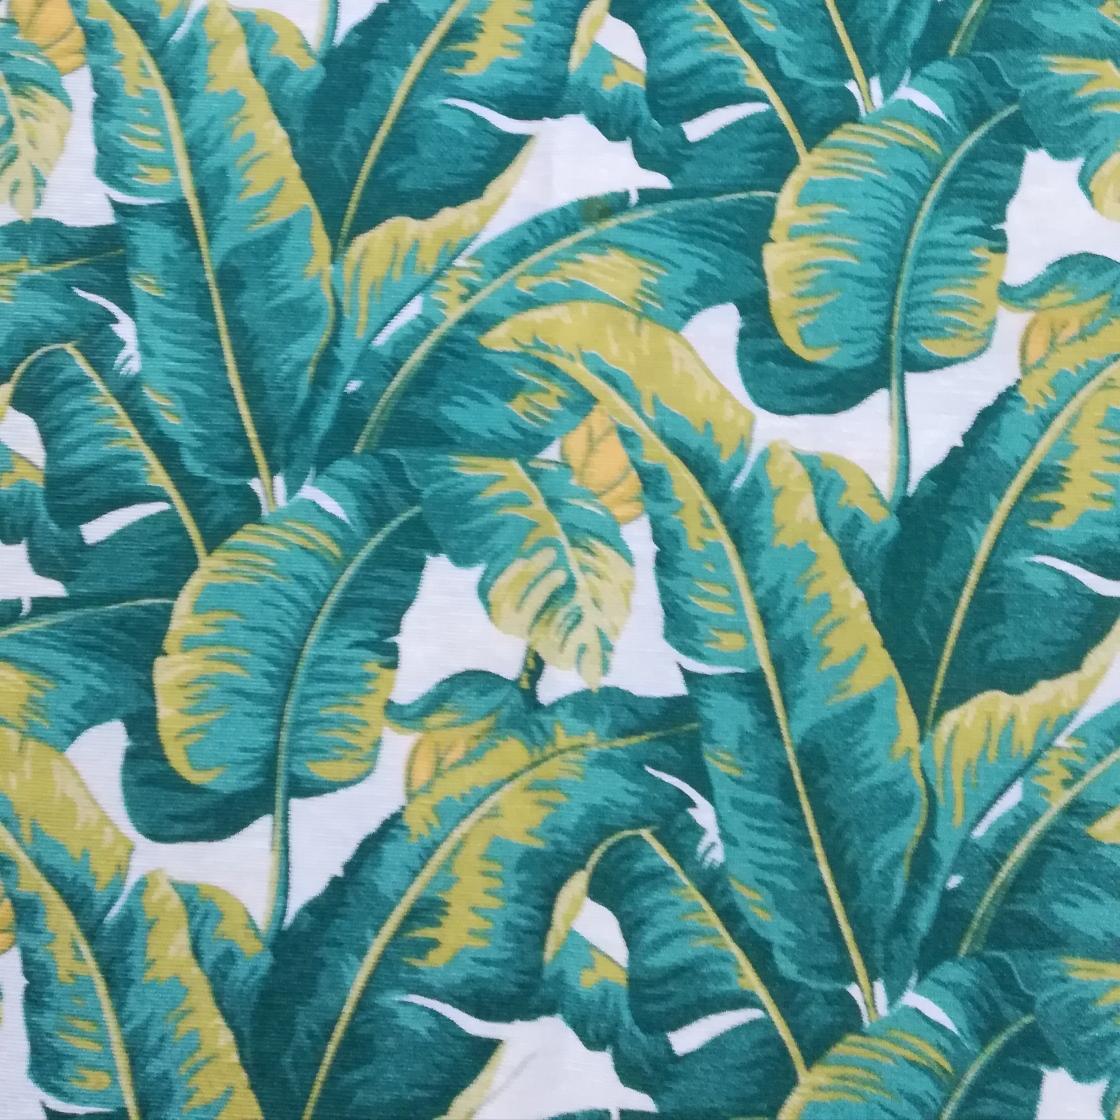 Green rainforest